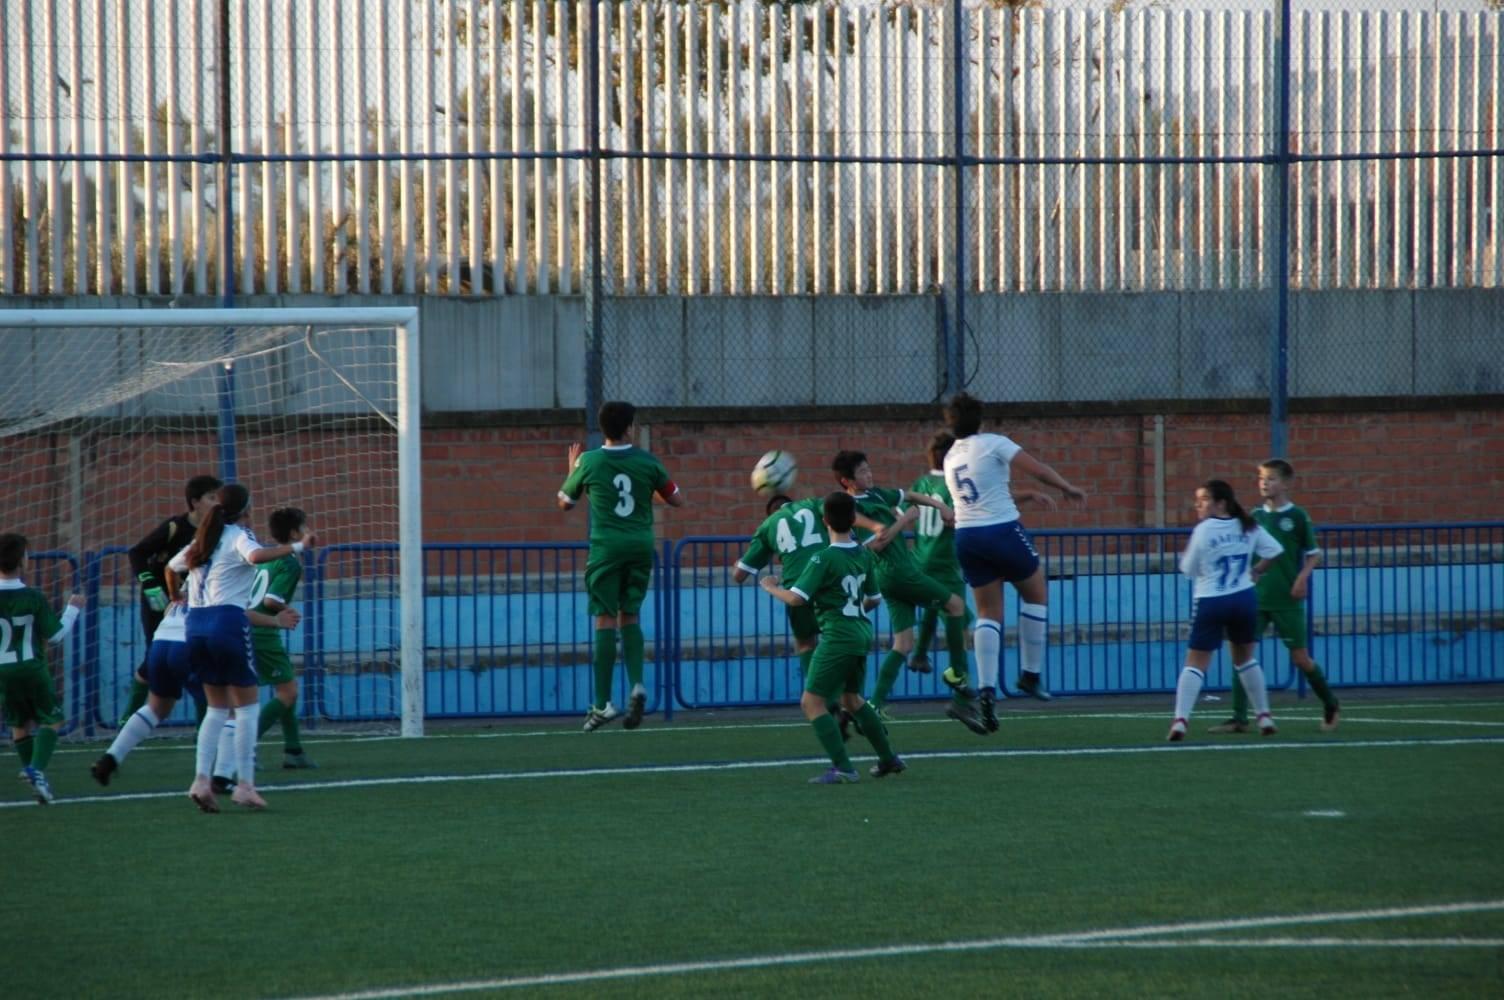 8c13680e7c58e Nuestros equipos de la categoría Infantil disputaron este pasado fin de  semana su partido correspondiente de liga